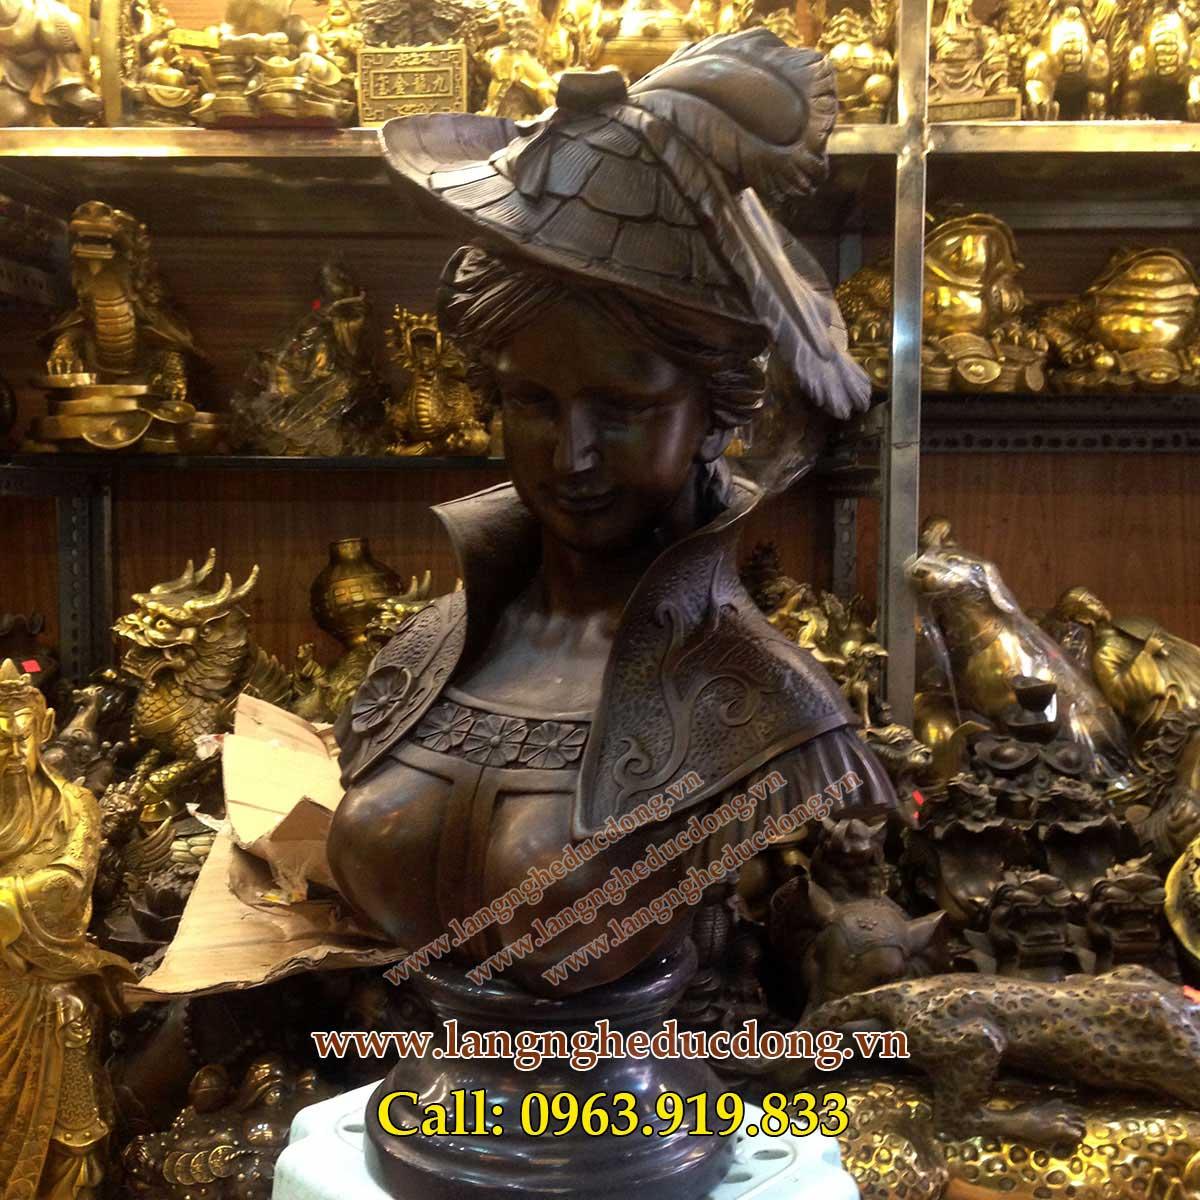 langngheducdong.vn - tượng trang trí bằng đồng, tượng bán thân cô gáilangngheducdong.vn - tượng trang trí bằng đồng, tượng bán thân cô gái